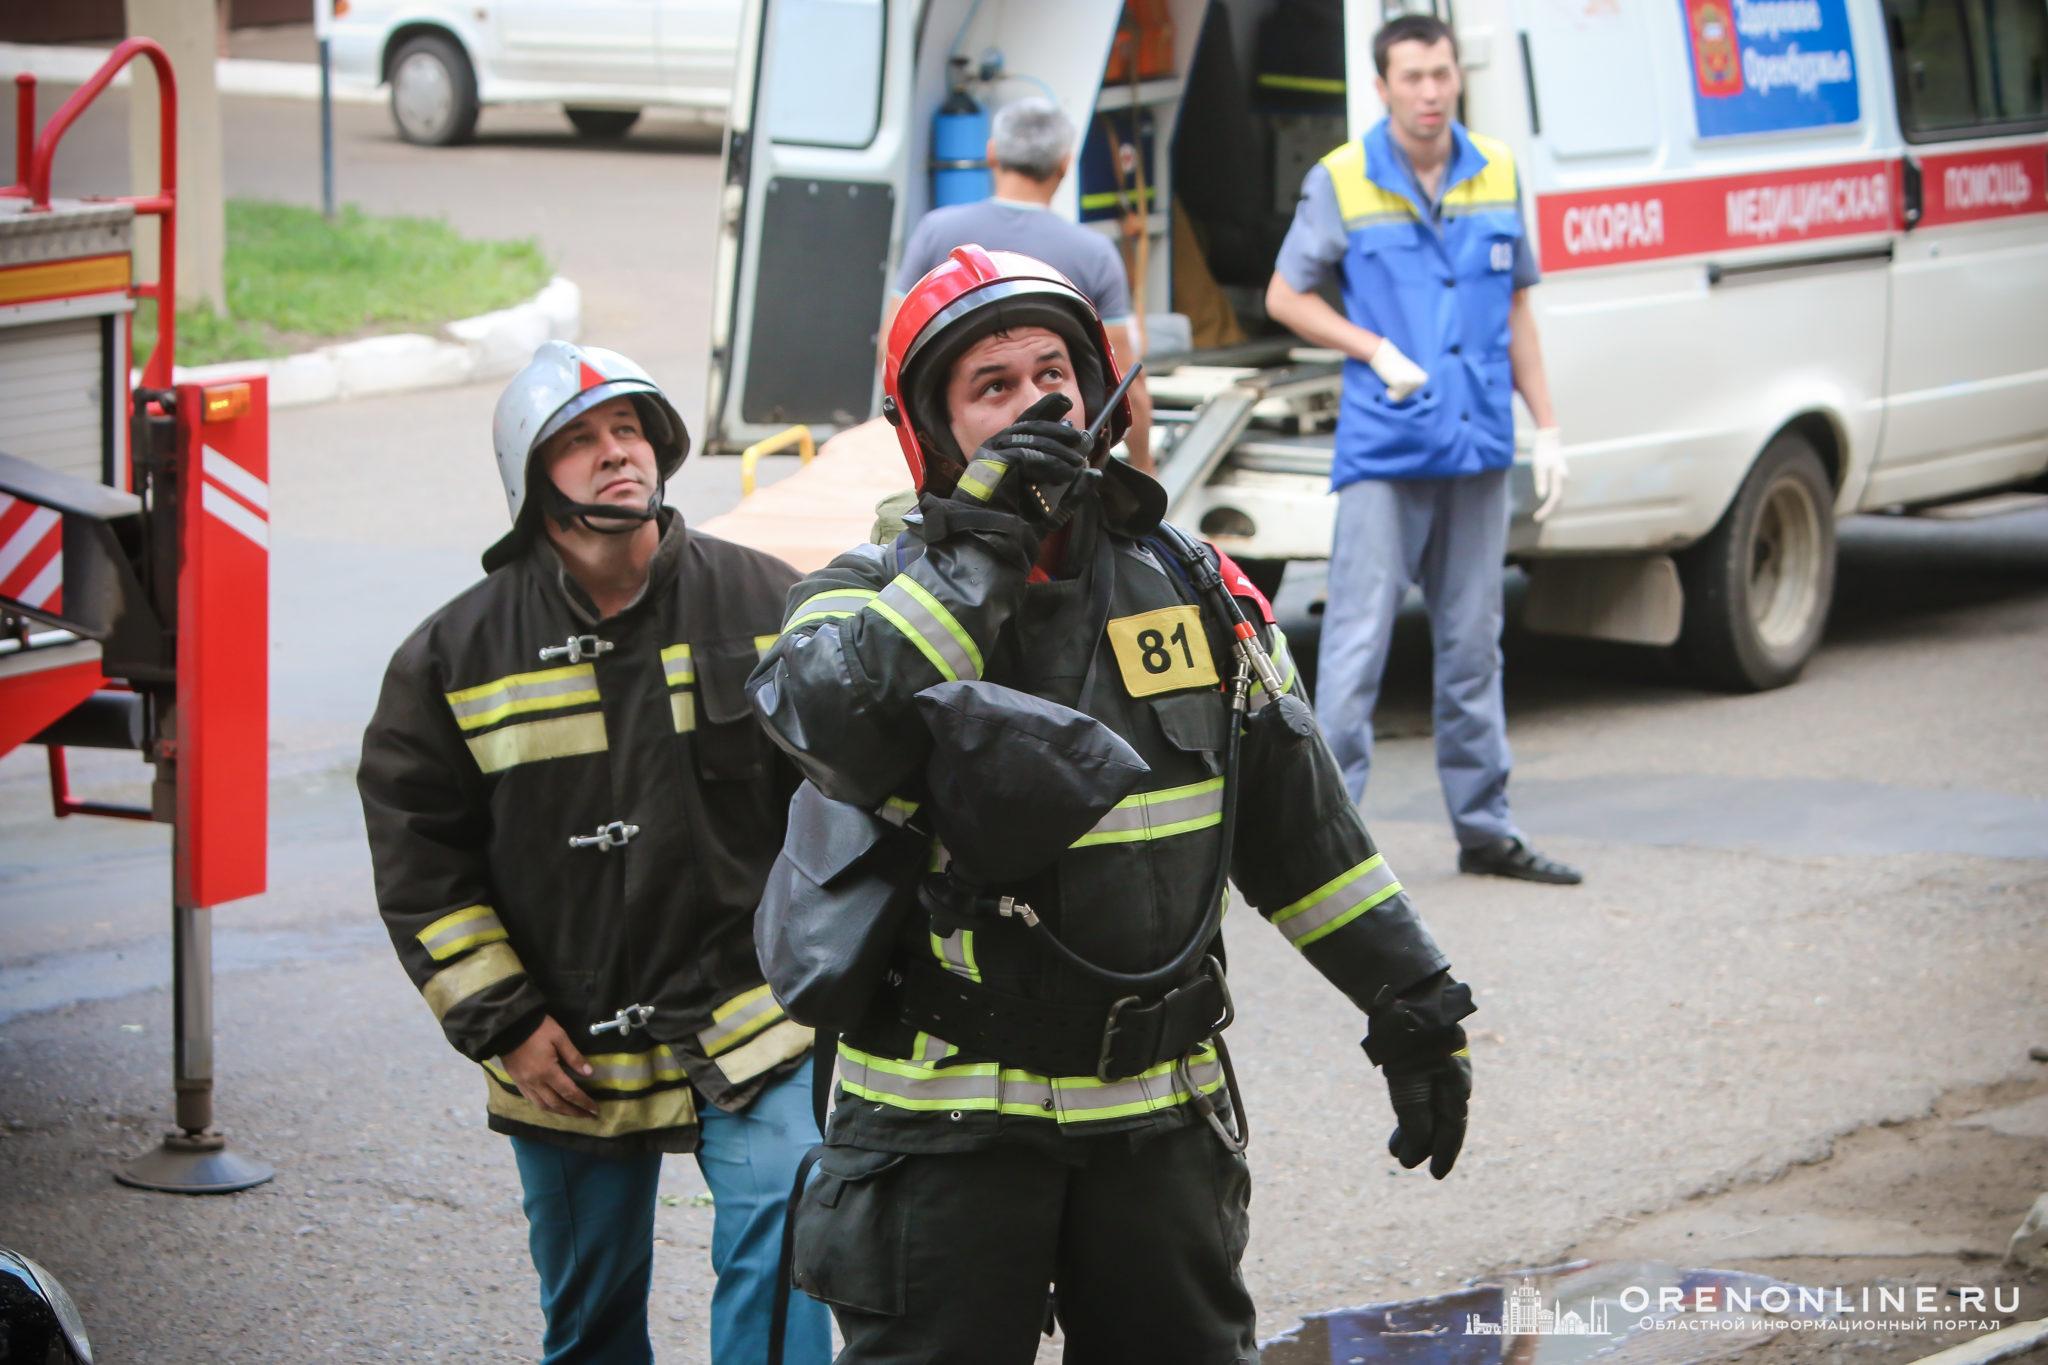 Пожар на улице Кобозева в Оренбурге. Фото с места происшествия